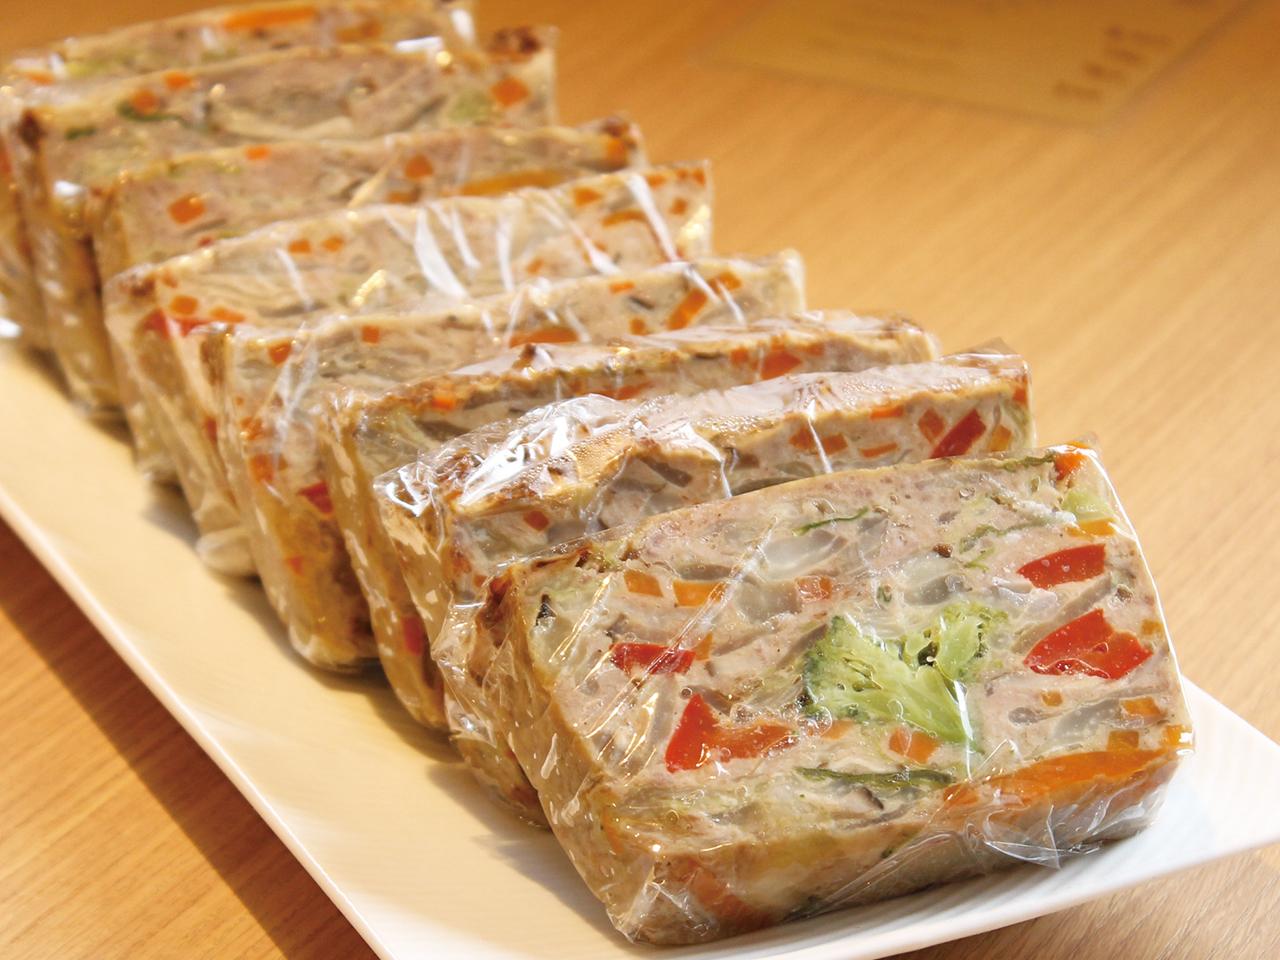 「野菜のミートローフ」は、8割が7種類の野菜で作られているという、旨みと栄養がぎゅっと詰まった人気の一品。野菜不足が気になる人にもおすすめ。